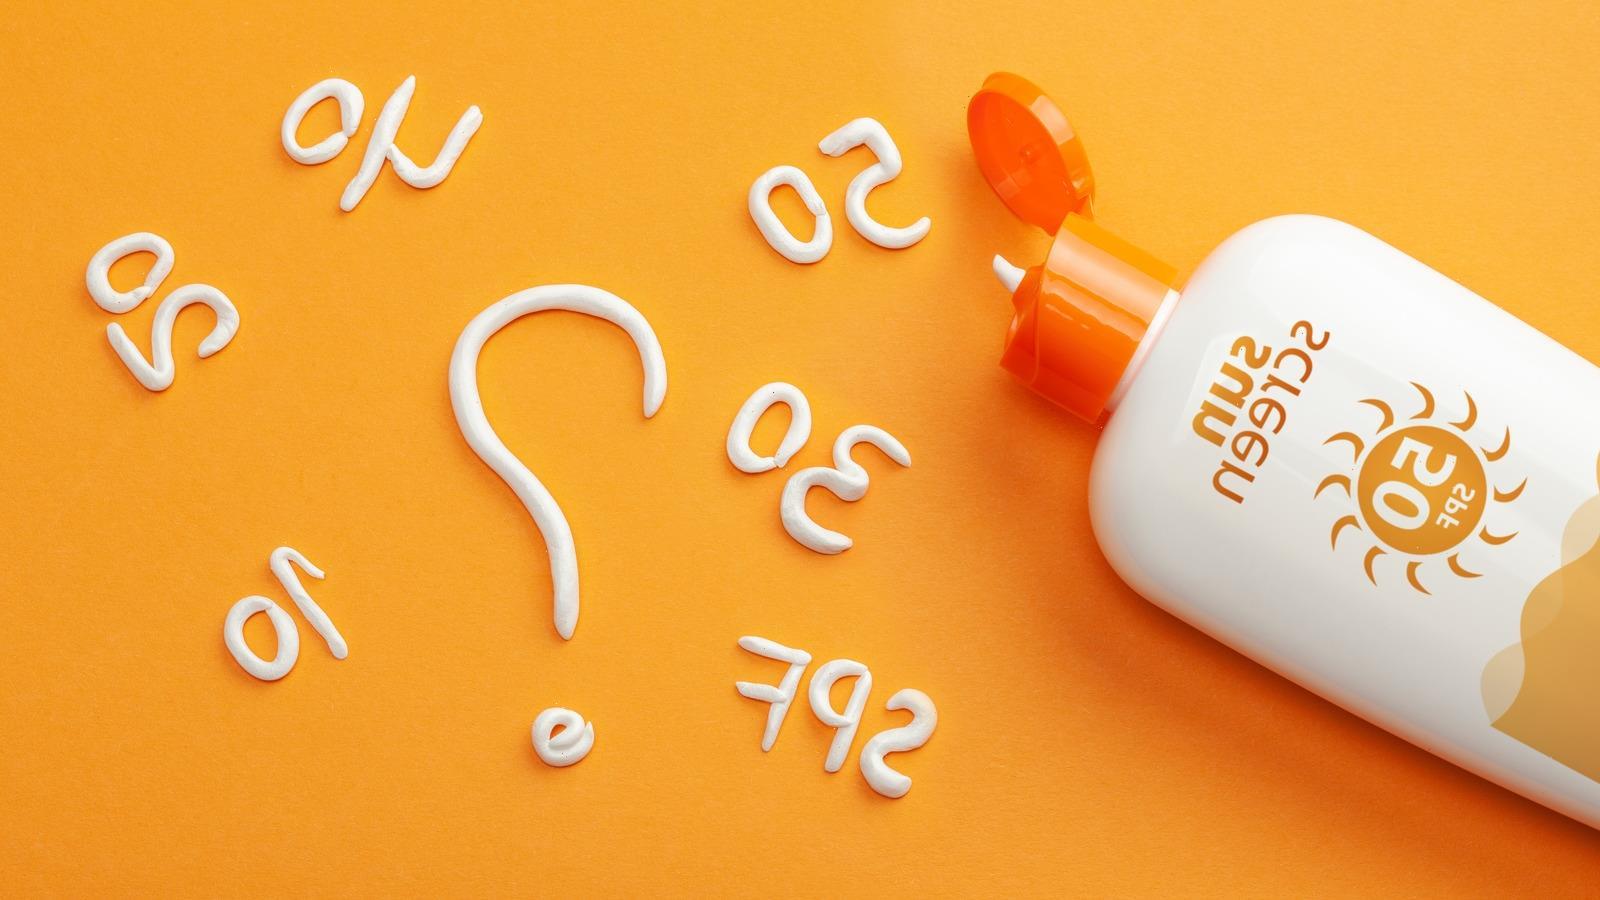 The Real Reason You Shouldn't Buy Sunscreen At Dollar General